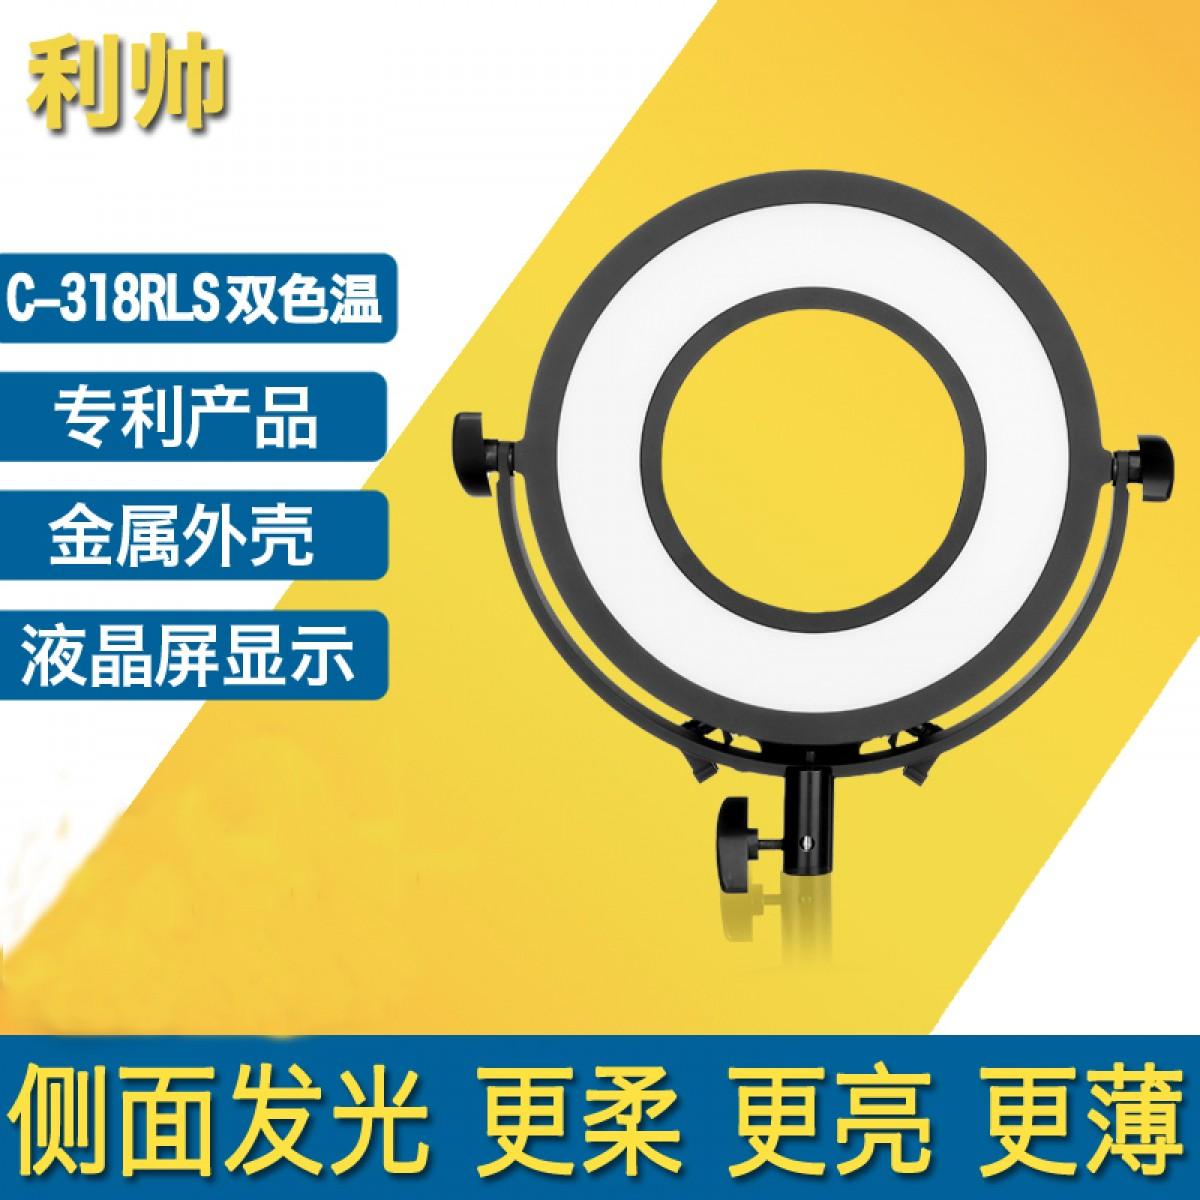 利帅 C-318RLS 环闪微距灯LED摄像灯摄影灯单反补光灯 影视补光灯